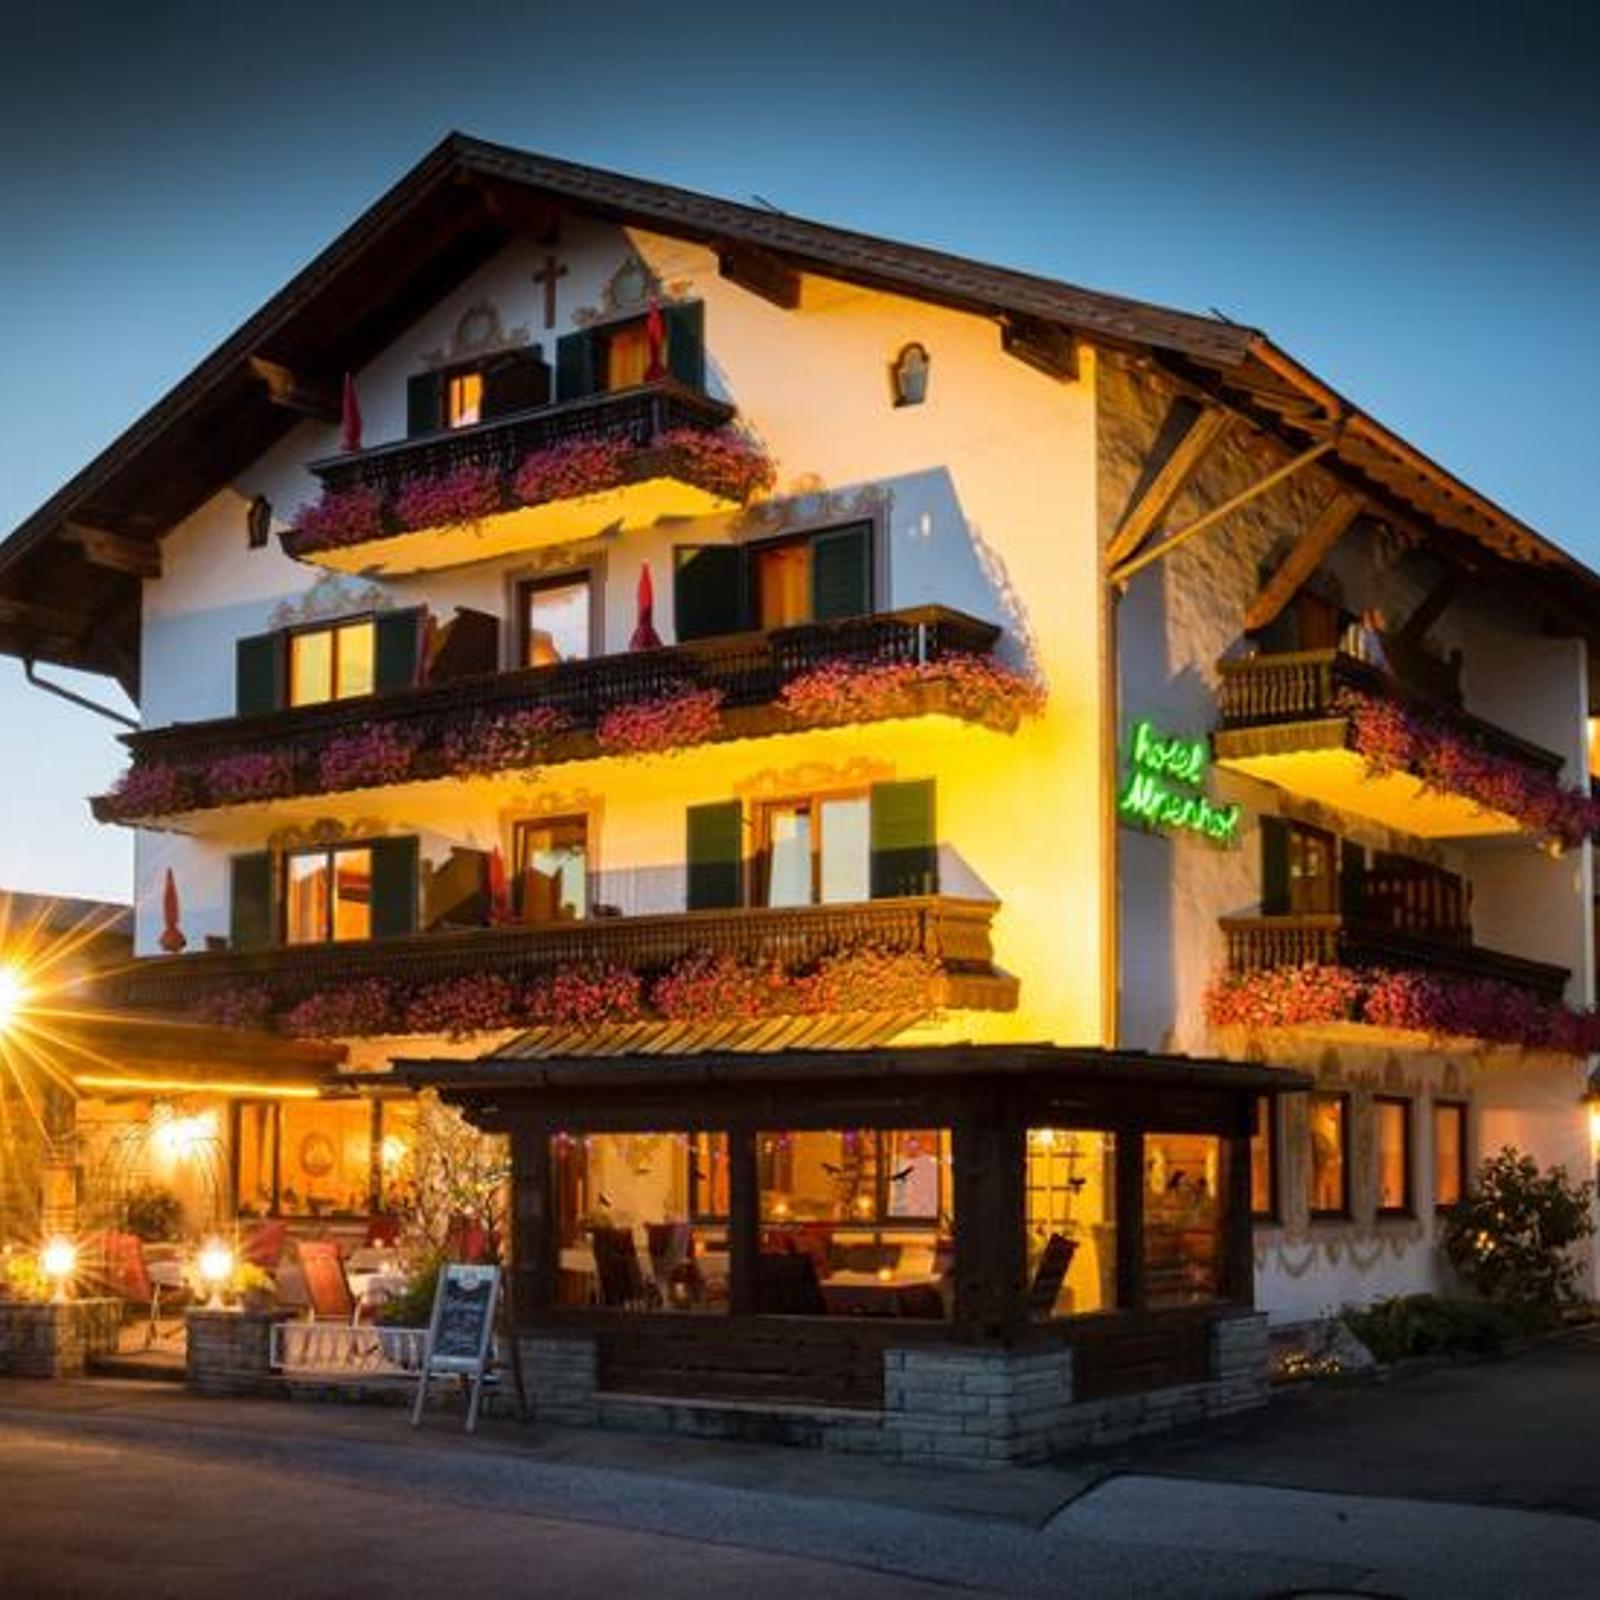 Karwendel Alpenhof Wallgau Alpes Vacances Pour 2 Personnes Hôtel Bon 4 Jours-afficher Le Titre D'origine BéNéFique Au Sperme